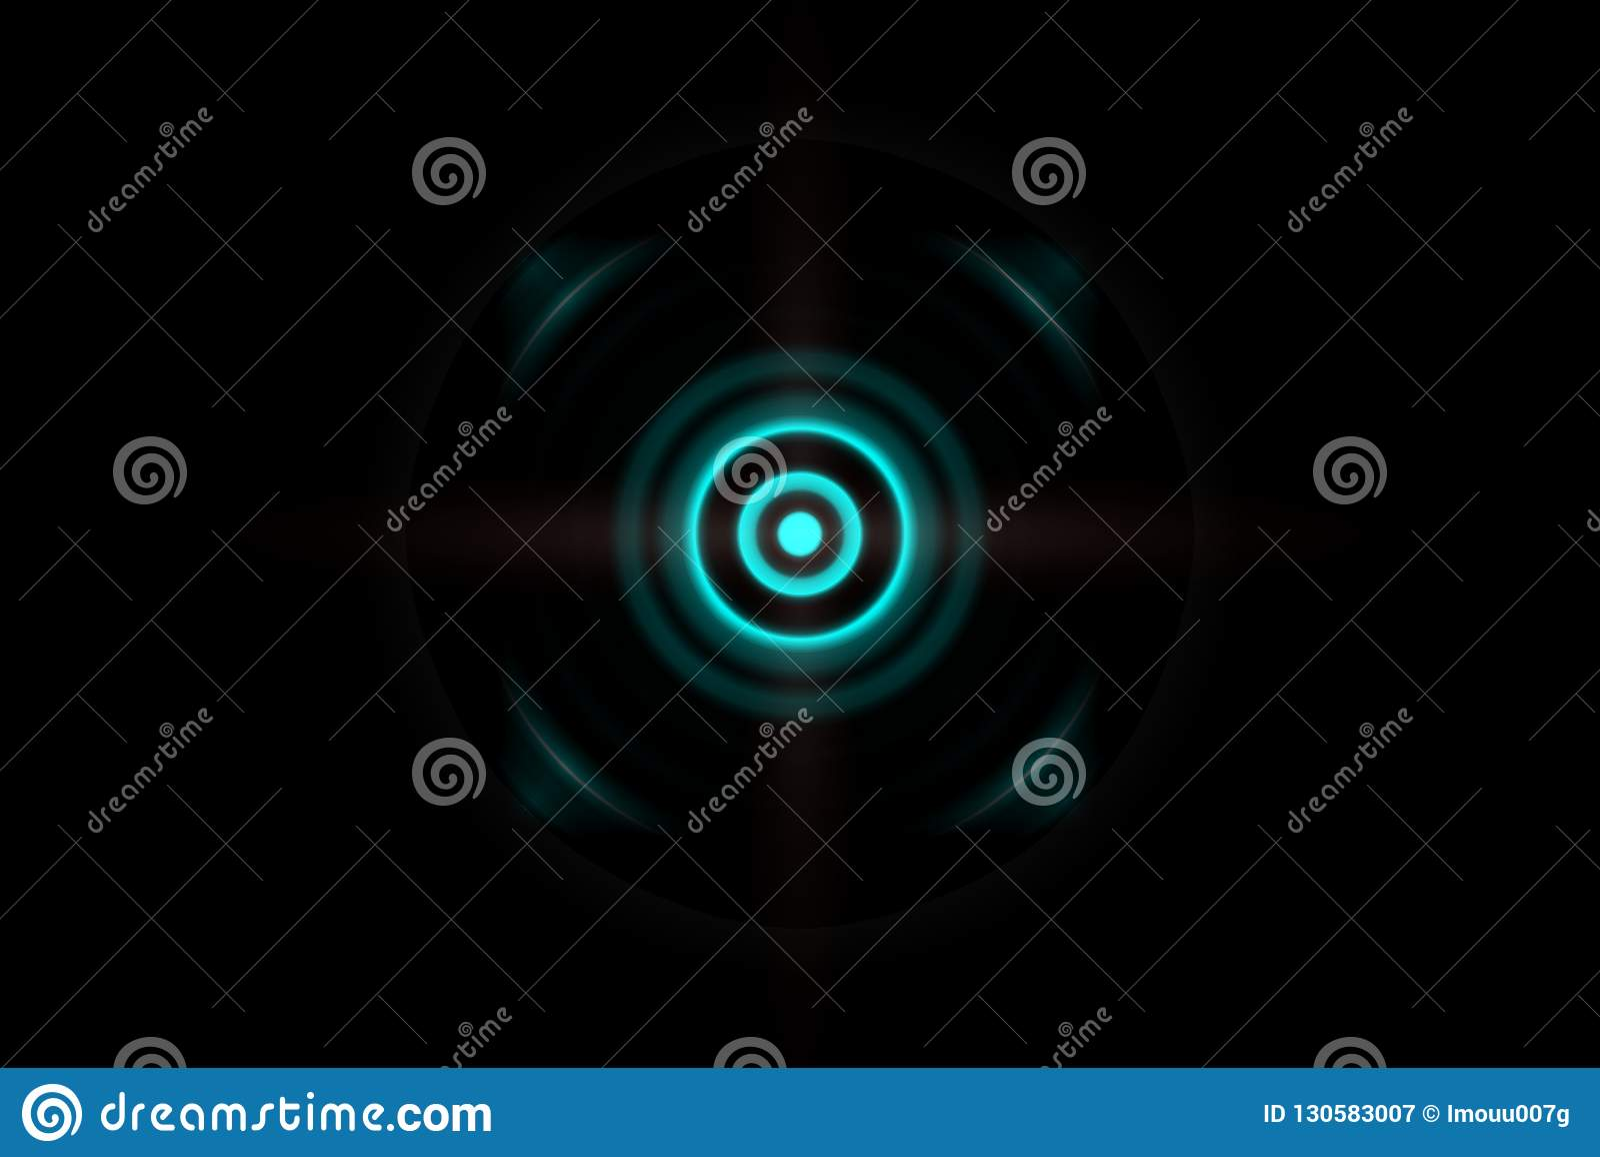 Dunkelgrüner Effekt des Zusammenfassungsauges mit oszillierendem Hintergrund der Schallwellen